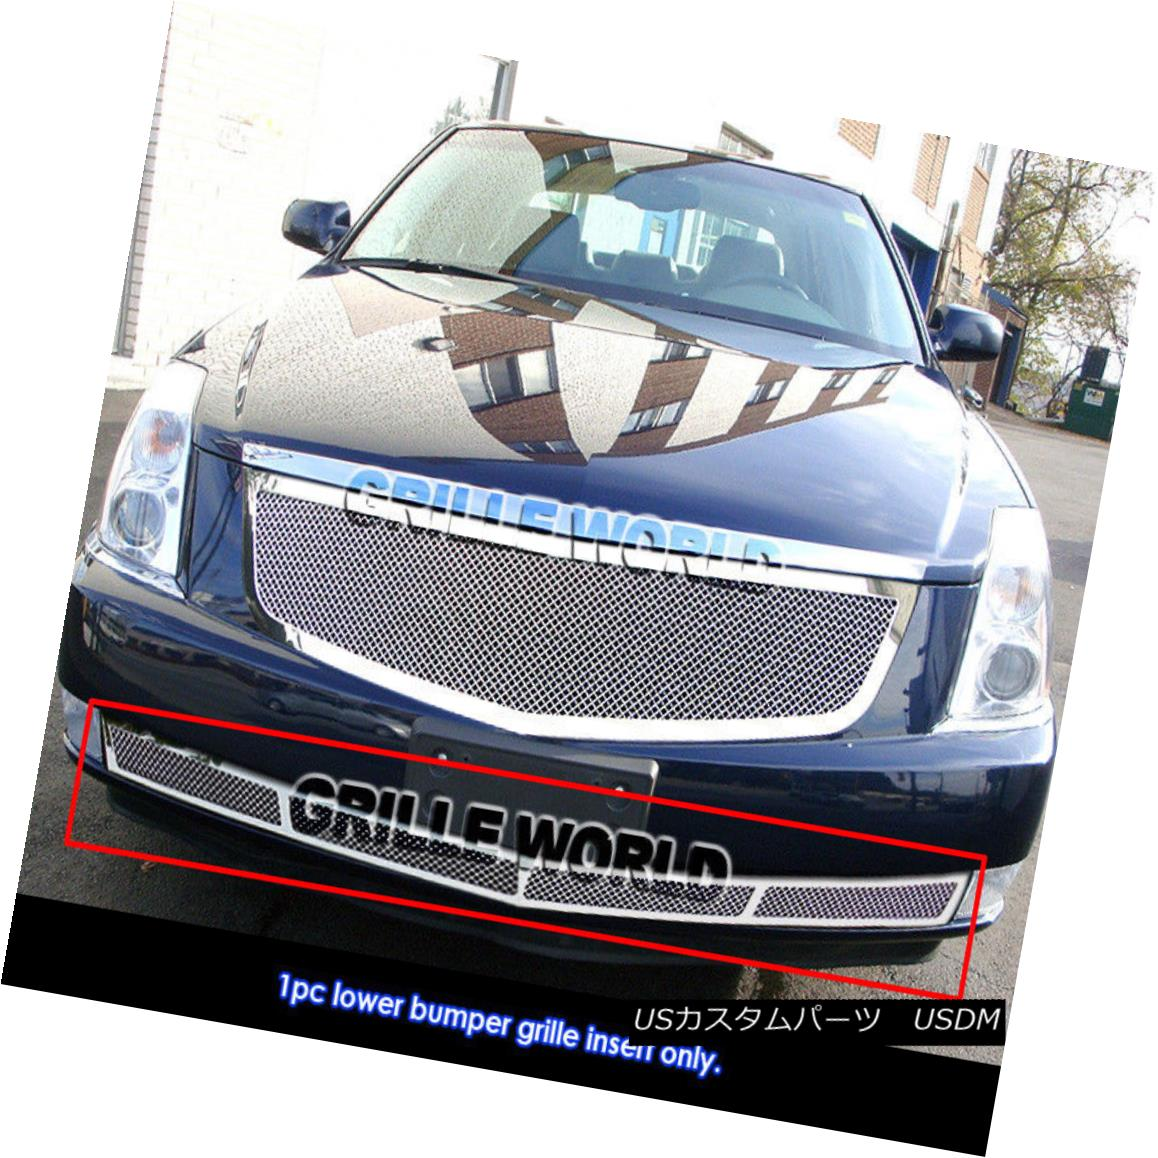 グリル For 06-10 Cadillac DTS Bumper Stainless Mesh Grille Insert 06-10キャデラックDTSバンパーステンレスメッシュグリルインサート